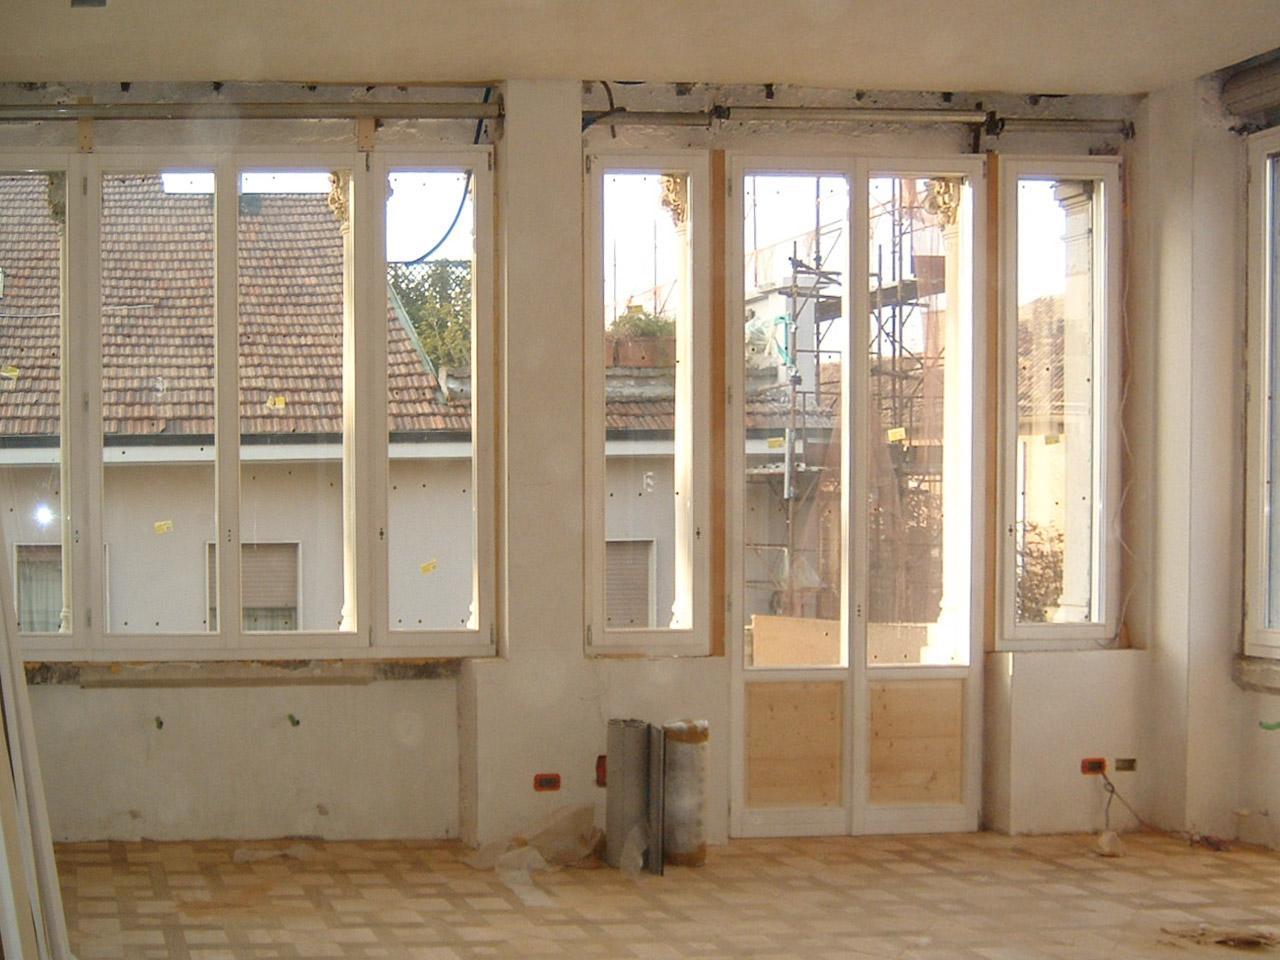 1. Restauro serramenti in legno laccato e vetro con integrata boiserie: lavori in corso.